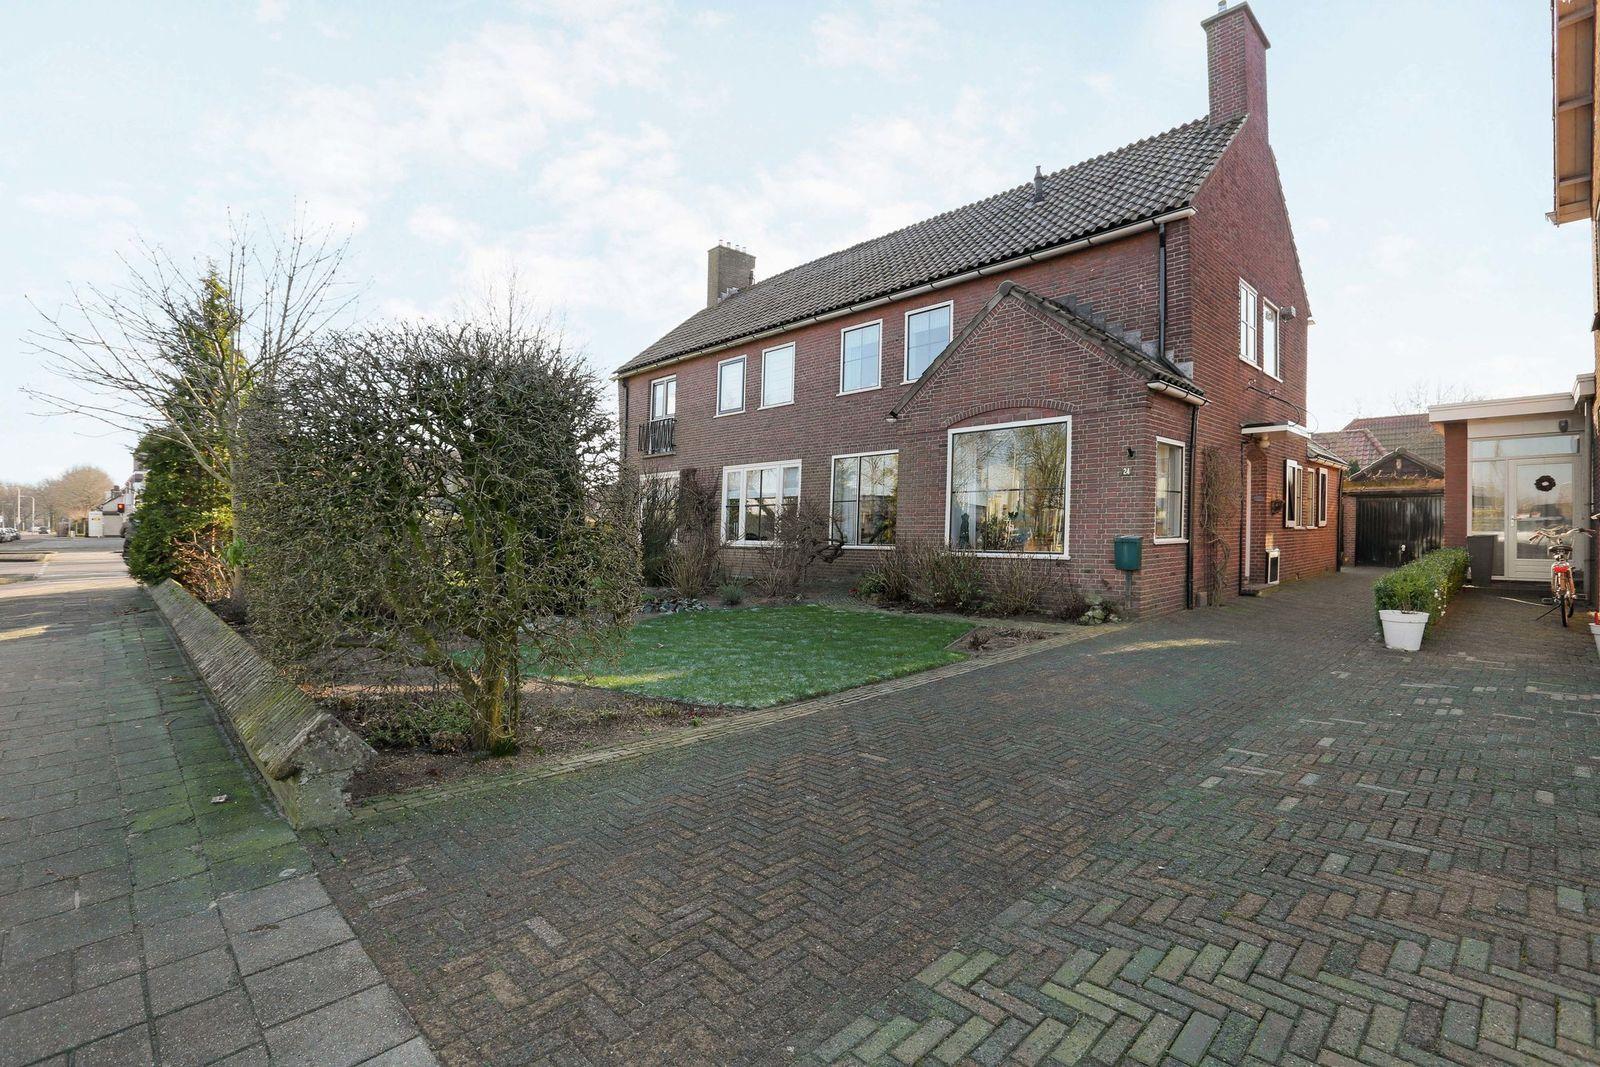 De Vos van Steenwijklaan 24, Hoogeveen